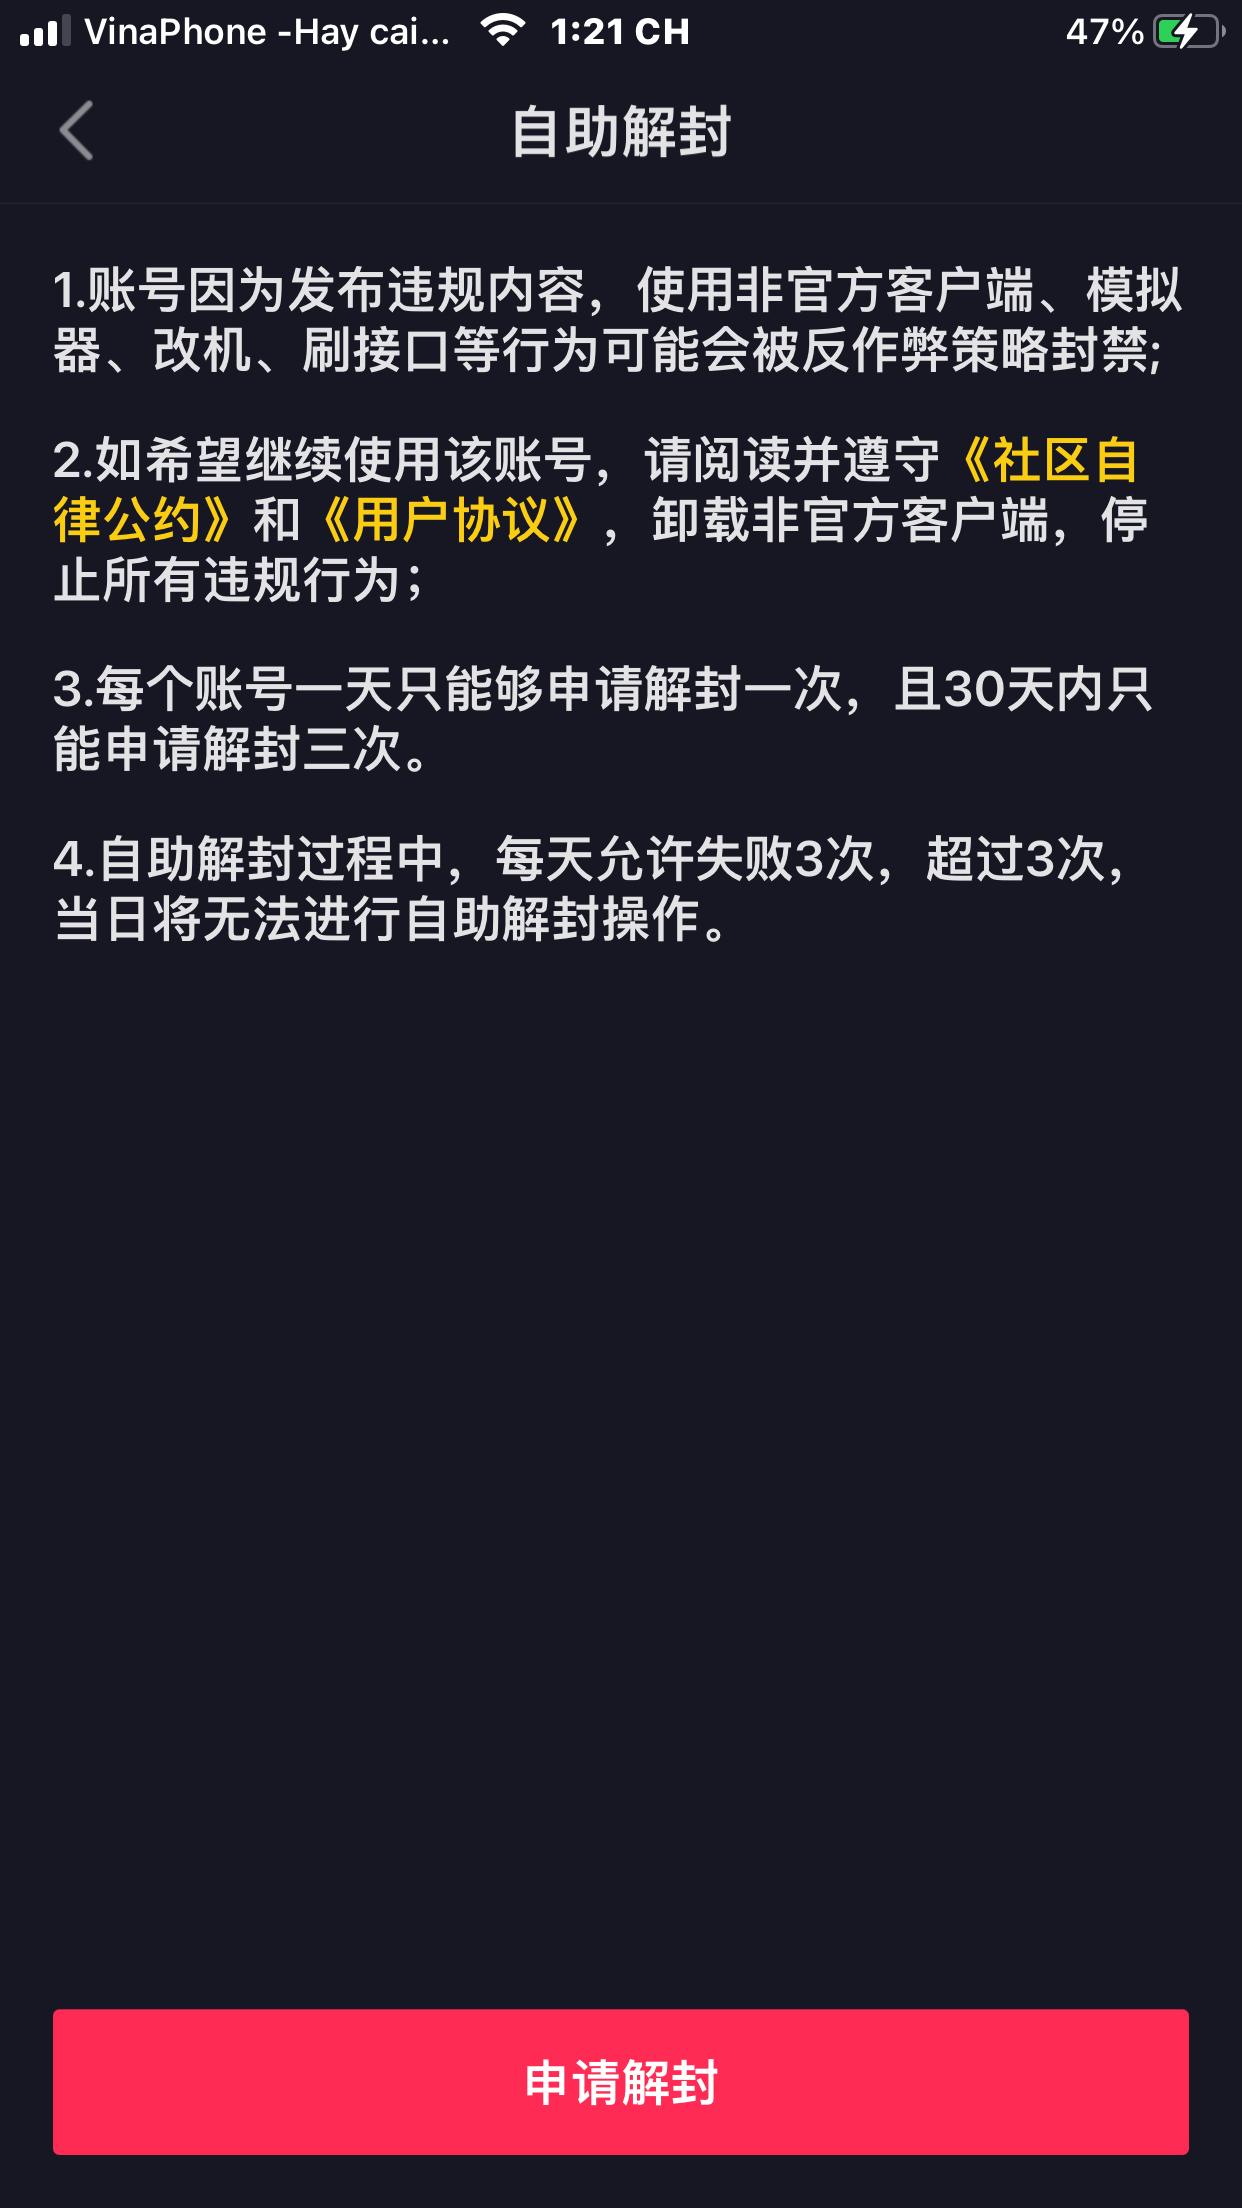 Phần mềm Tik Tok Trung Quốc là gì? Cách tải, cài đặt và sử dụng ra sao?